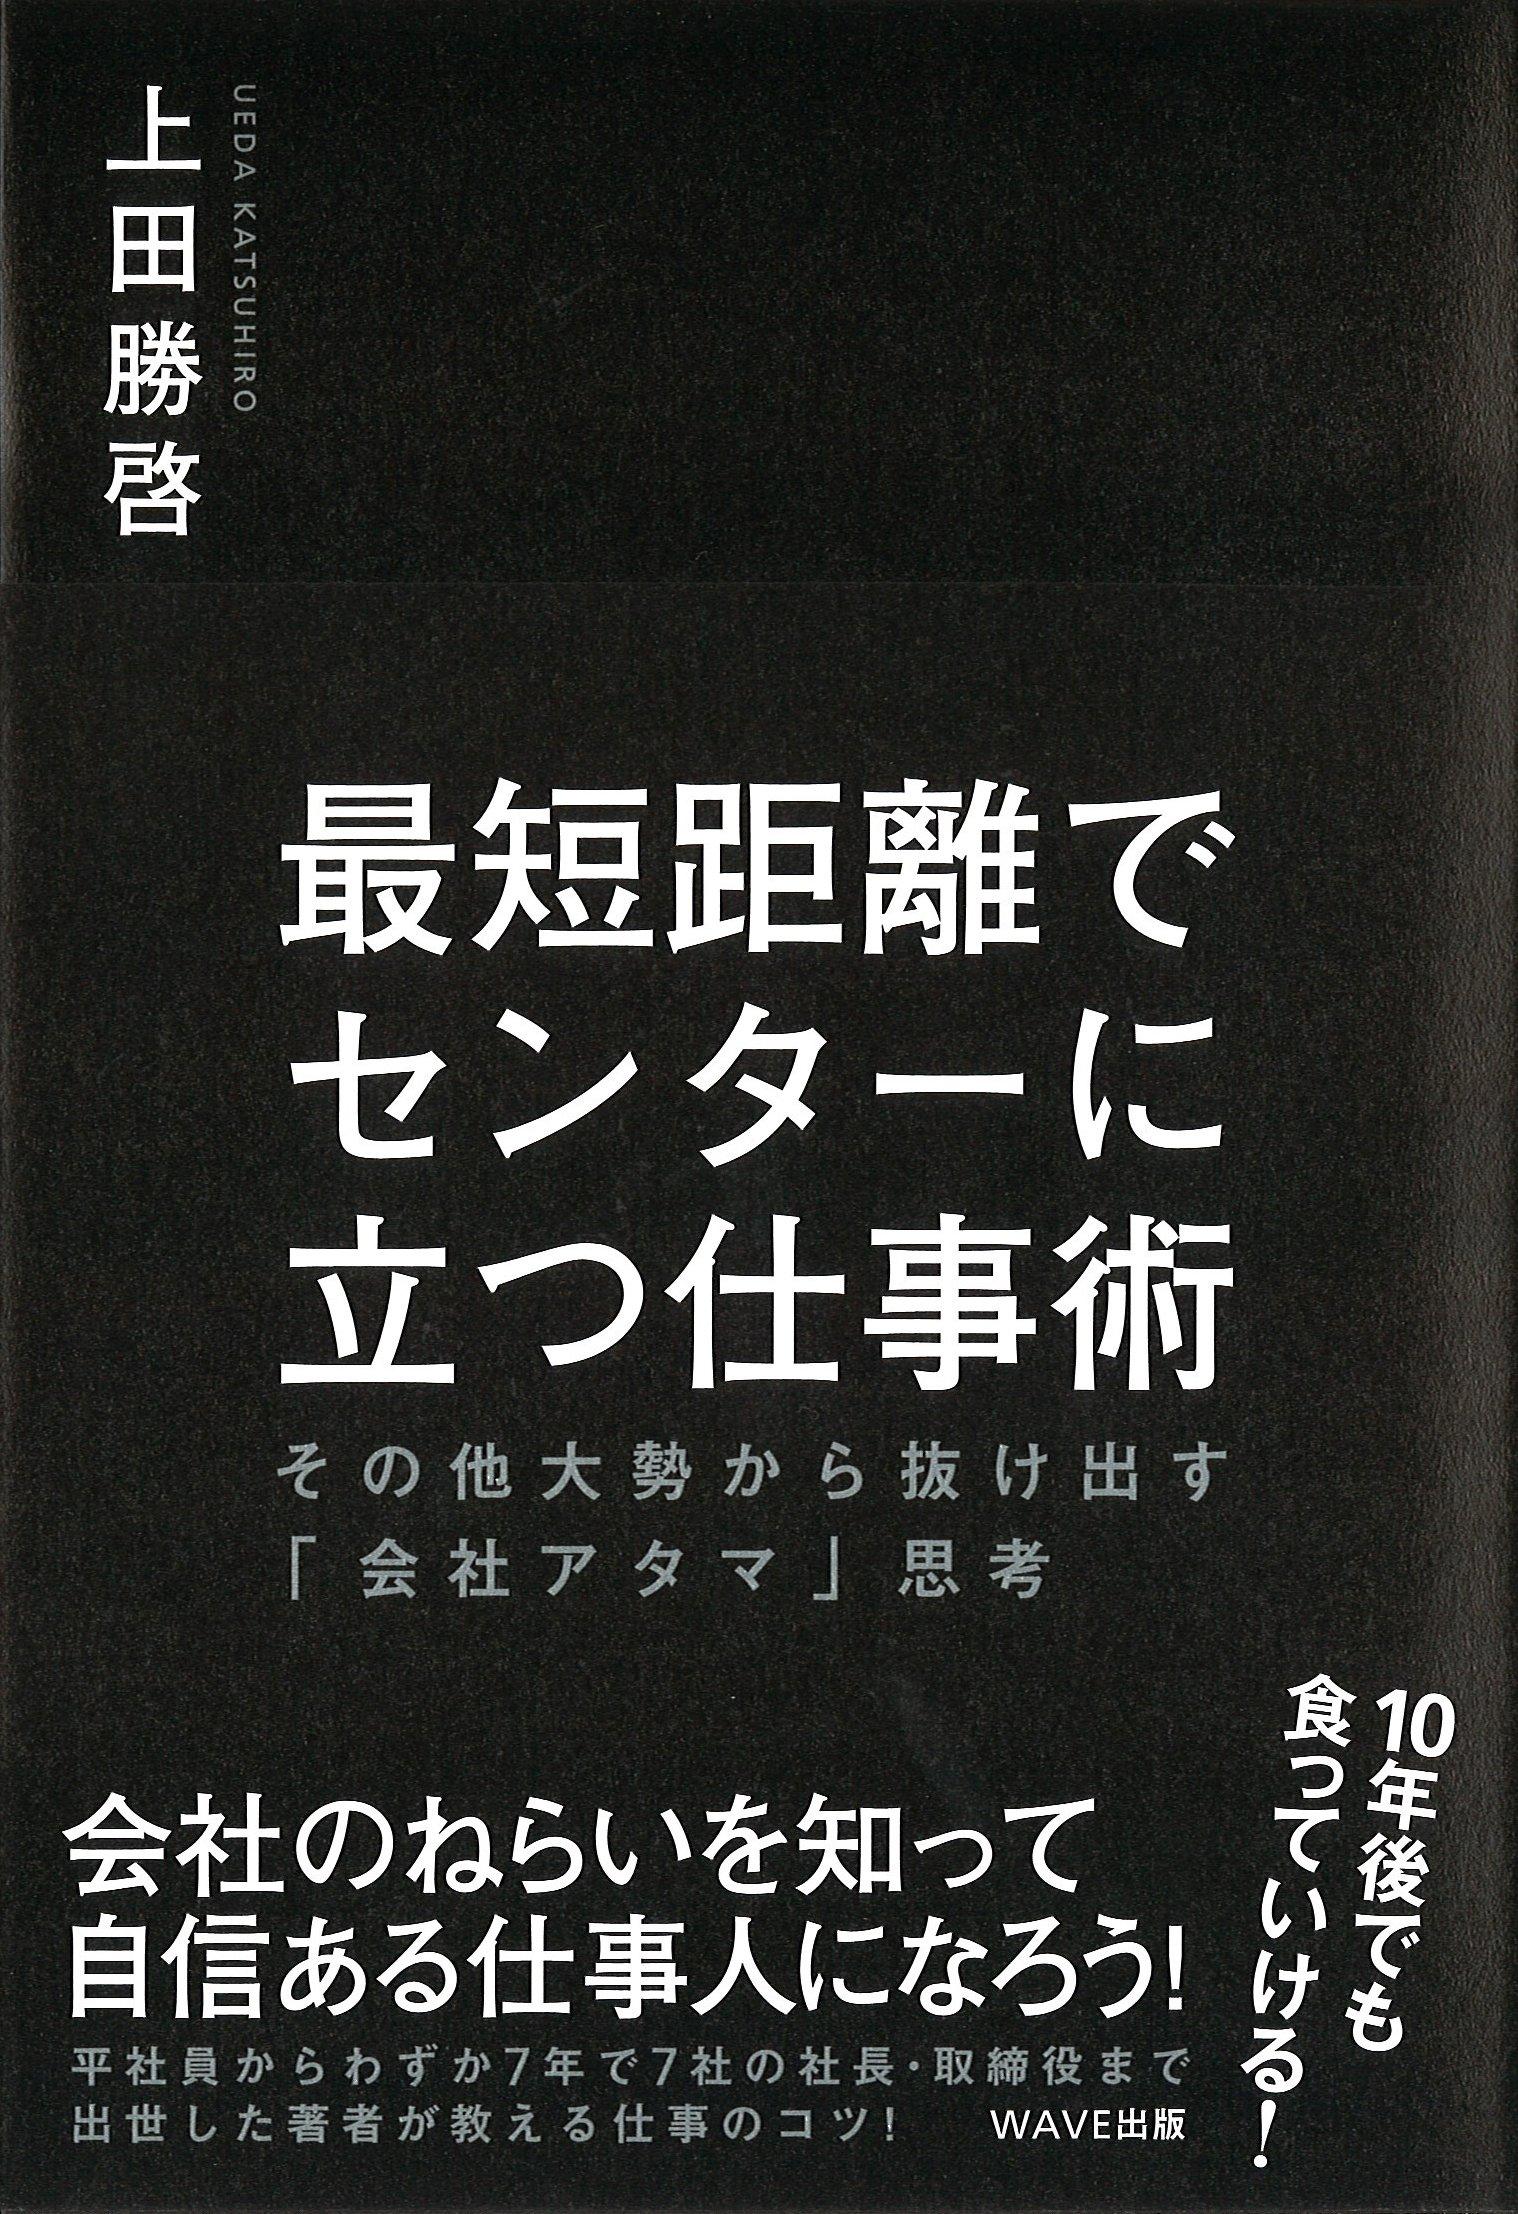 最短距離でセンターに立つ仕事術 上田勝啓